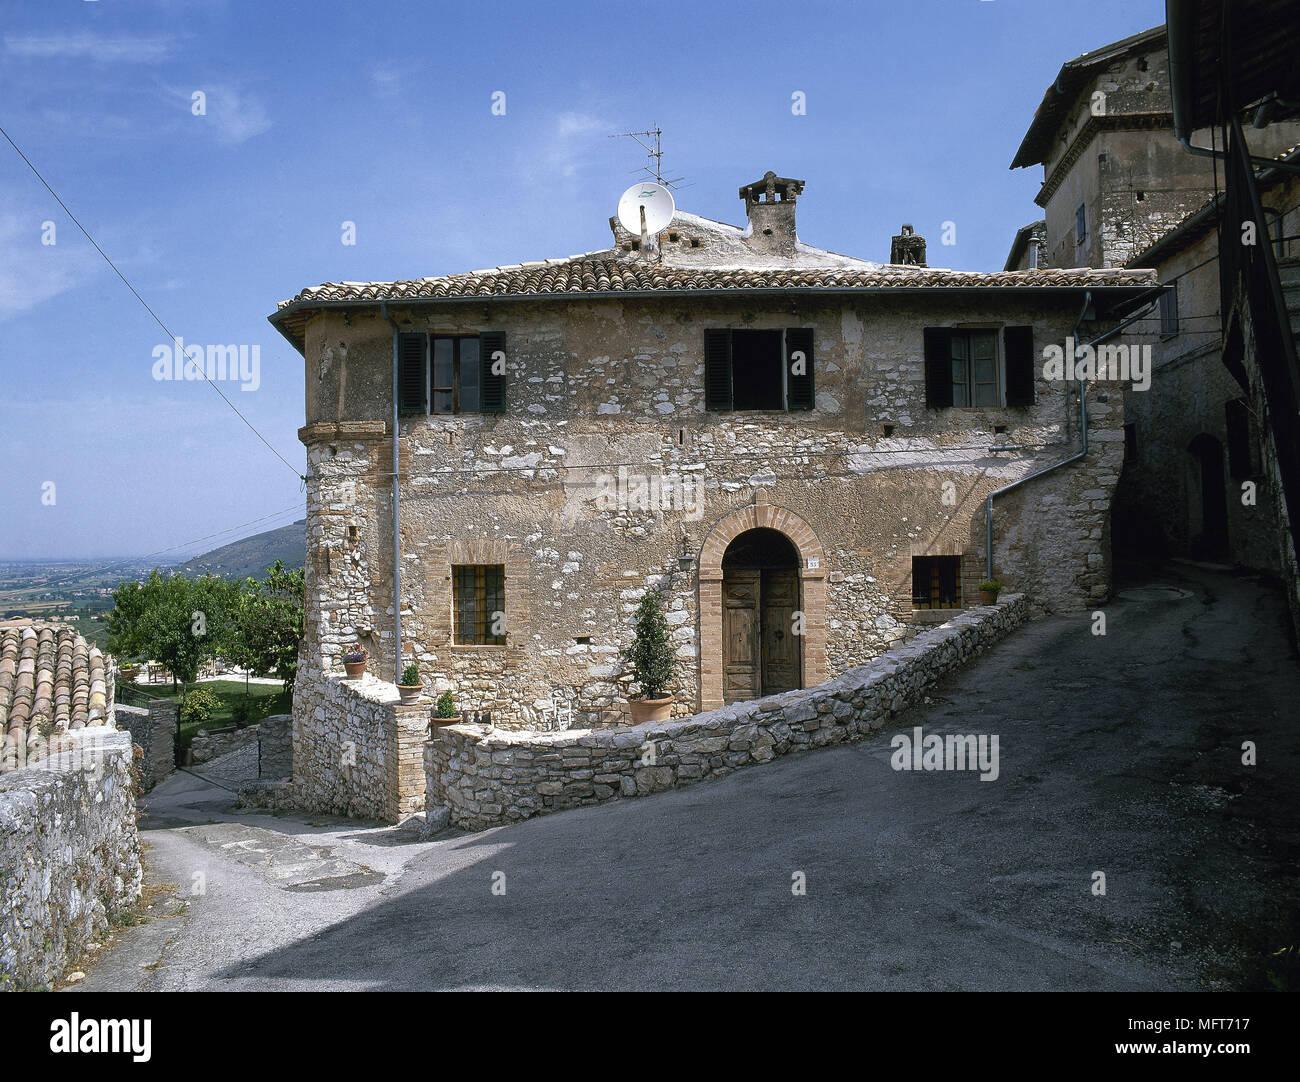 Esterno in pietra rustica villa soffrivo porta serramenti for Esterno ville foto